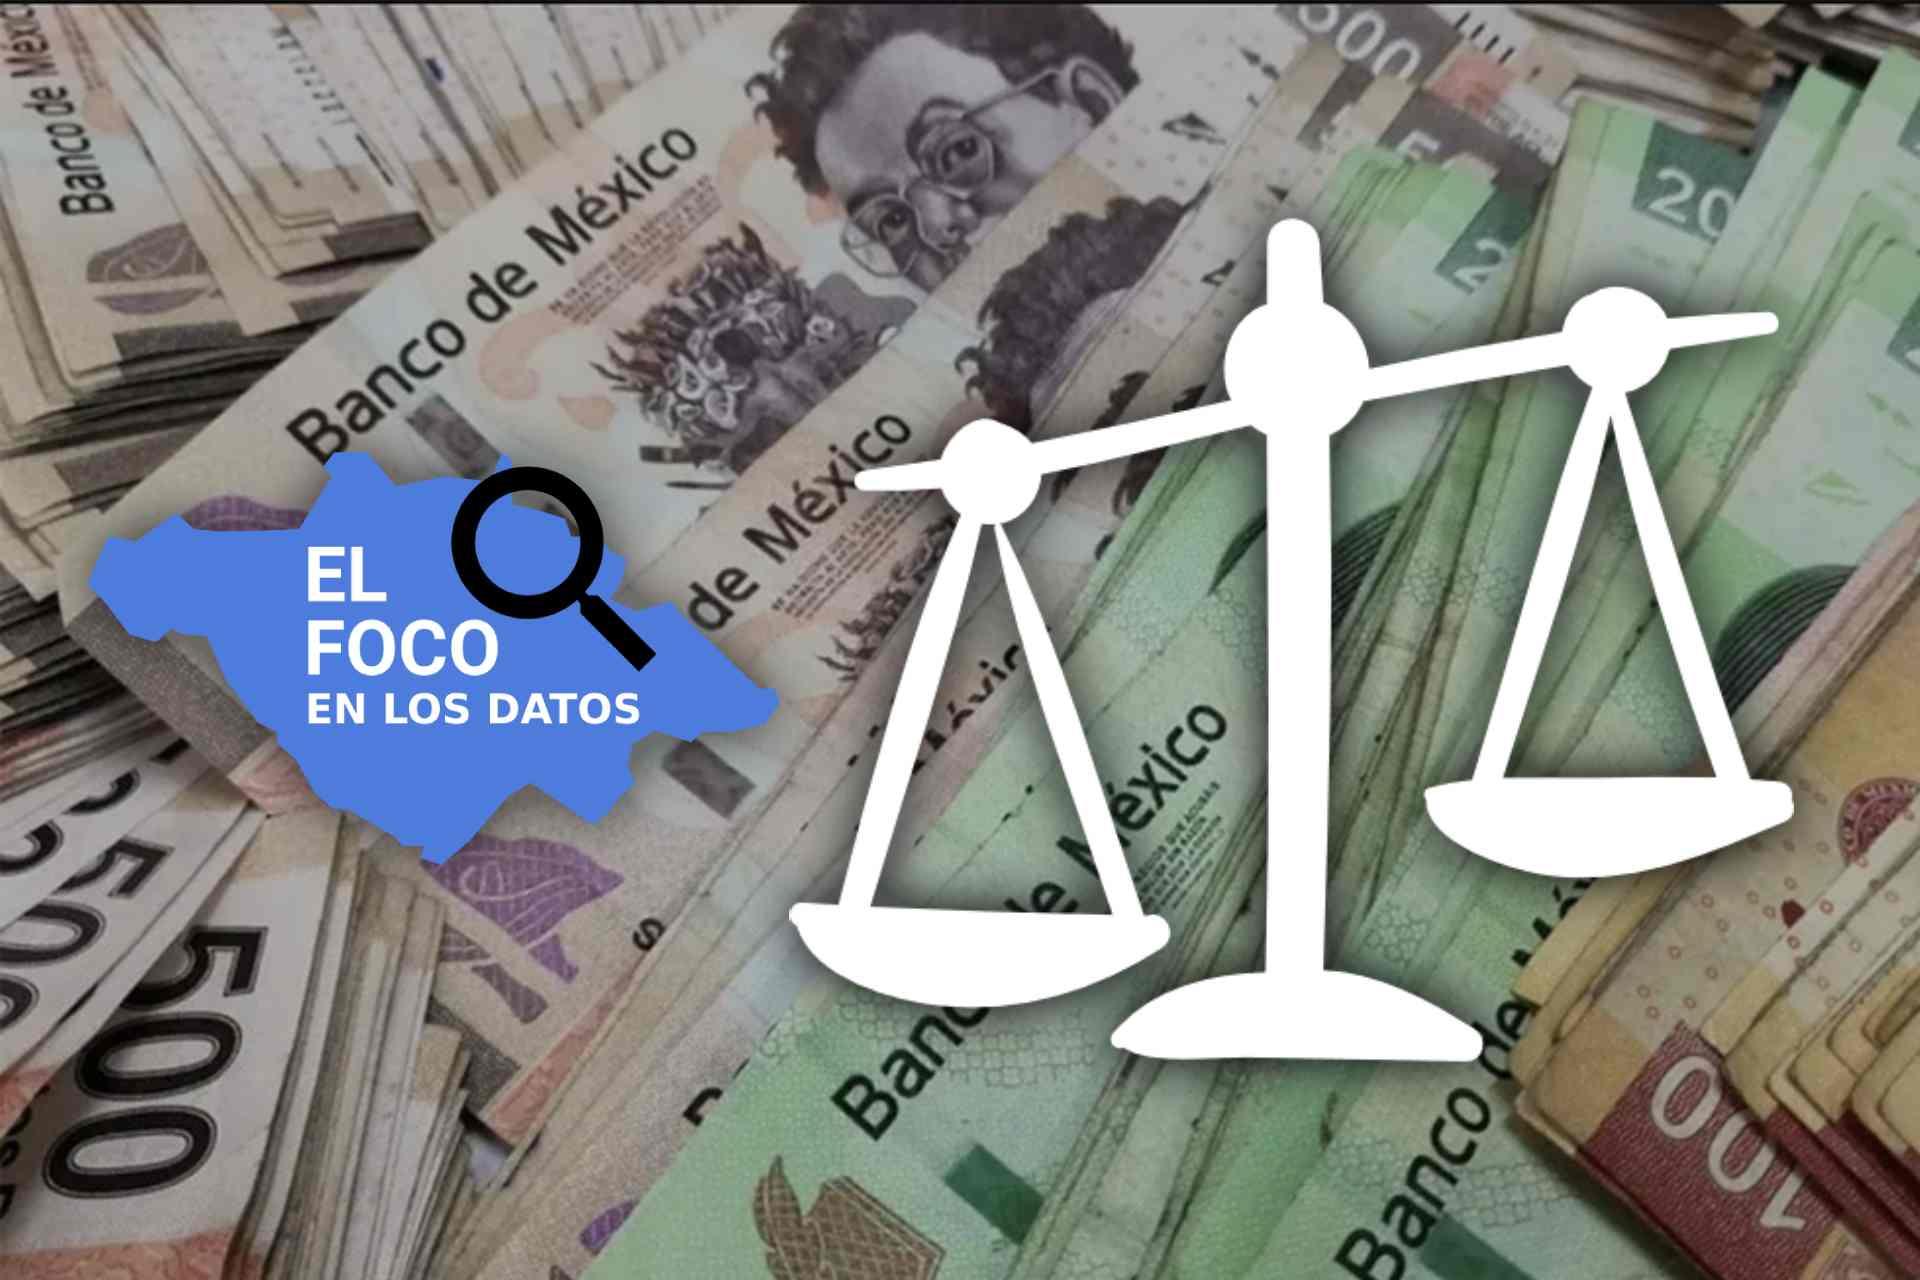 presupuesto- OFS-cuentas-publicas-tlaxcala-escenario